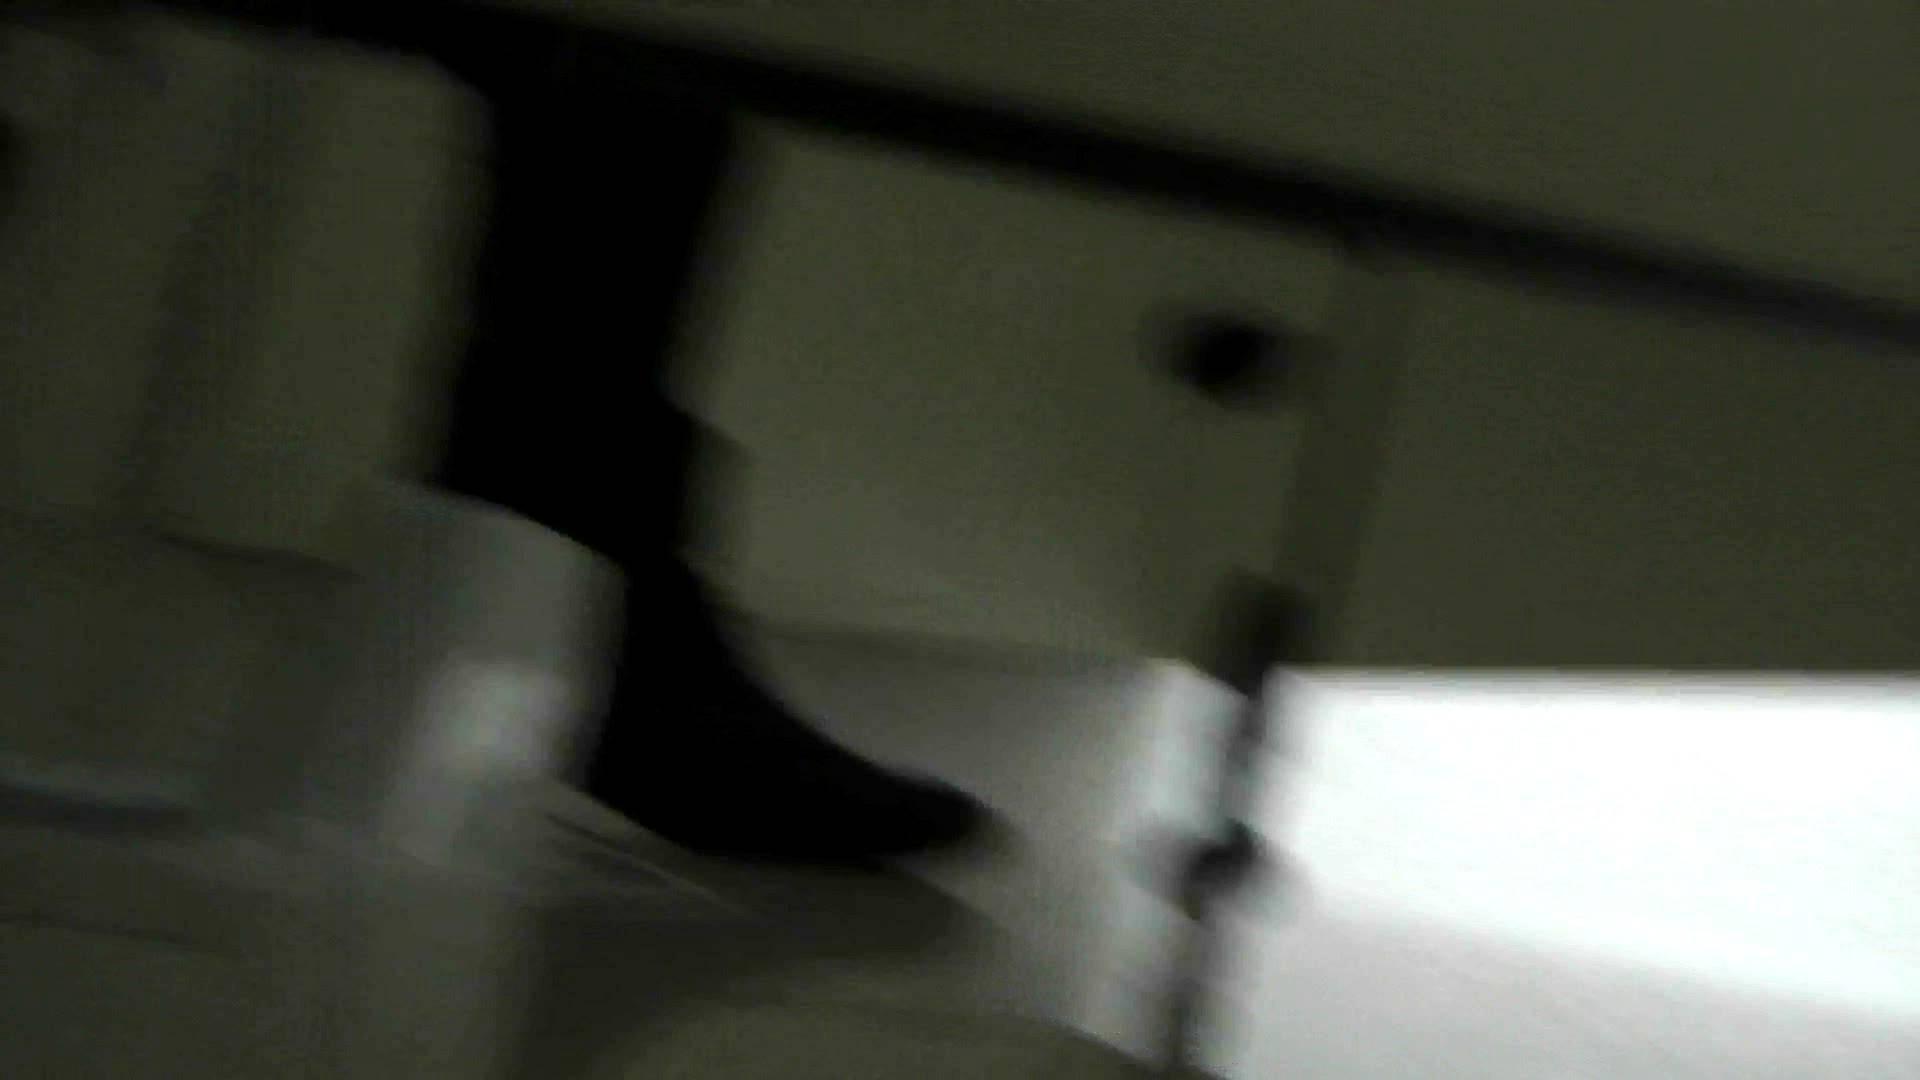 無料アダルト動画:お市さんの「お尻丸出しジャンボリー」No.3:怪盗ジョーカー